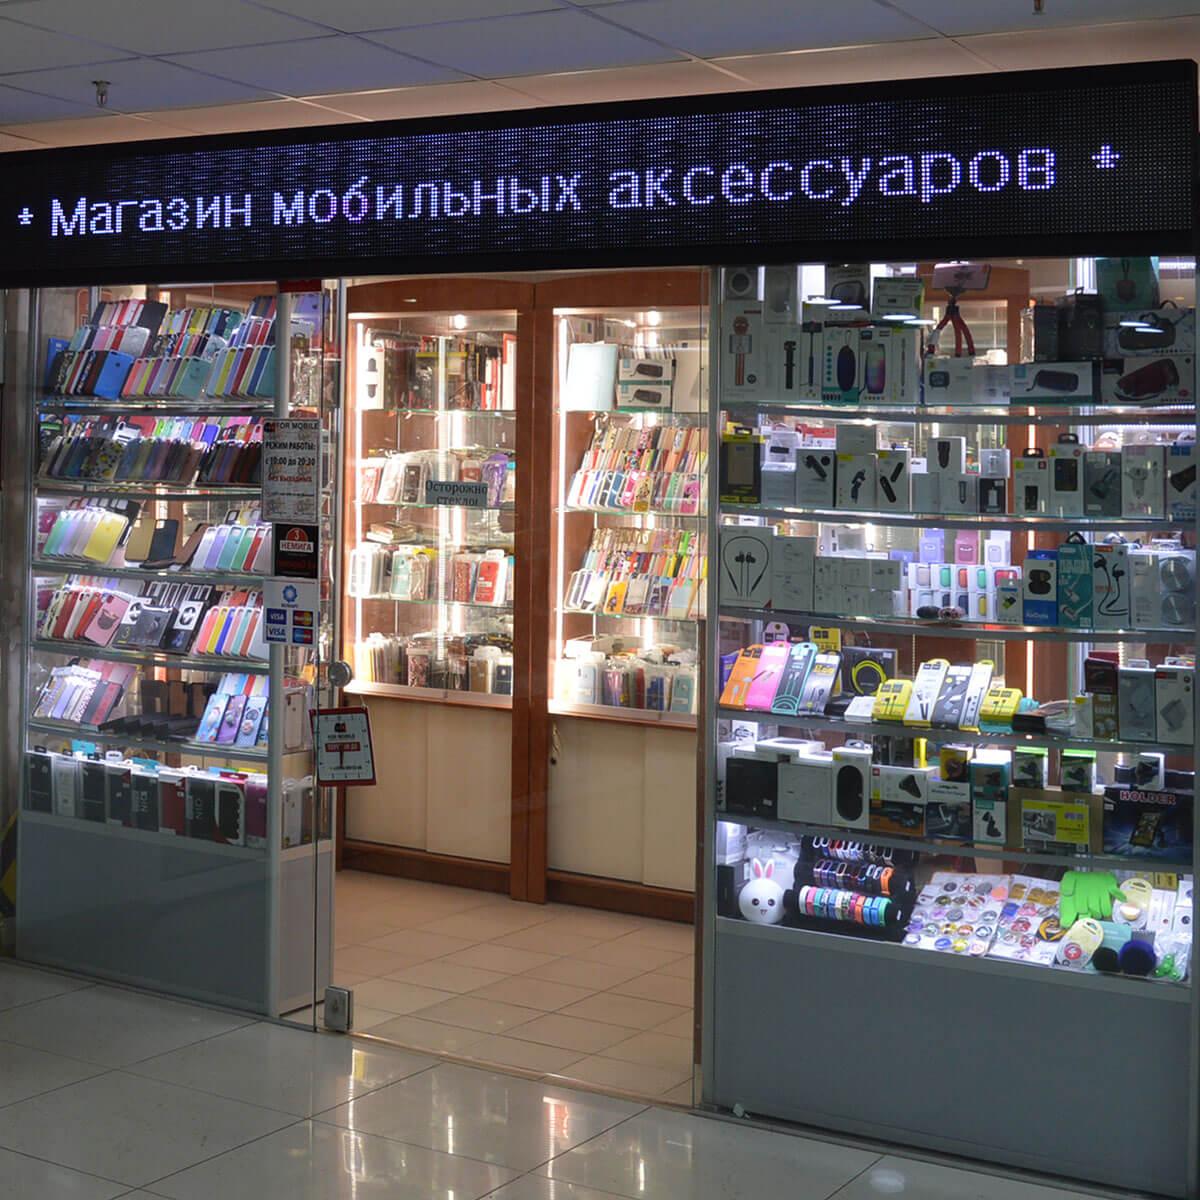 Магазин мобильных аксессуаров и ремонт телефонов в Торговом Центре «Немига 3»